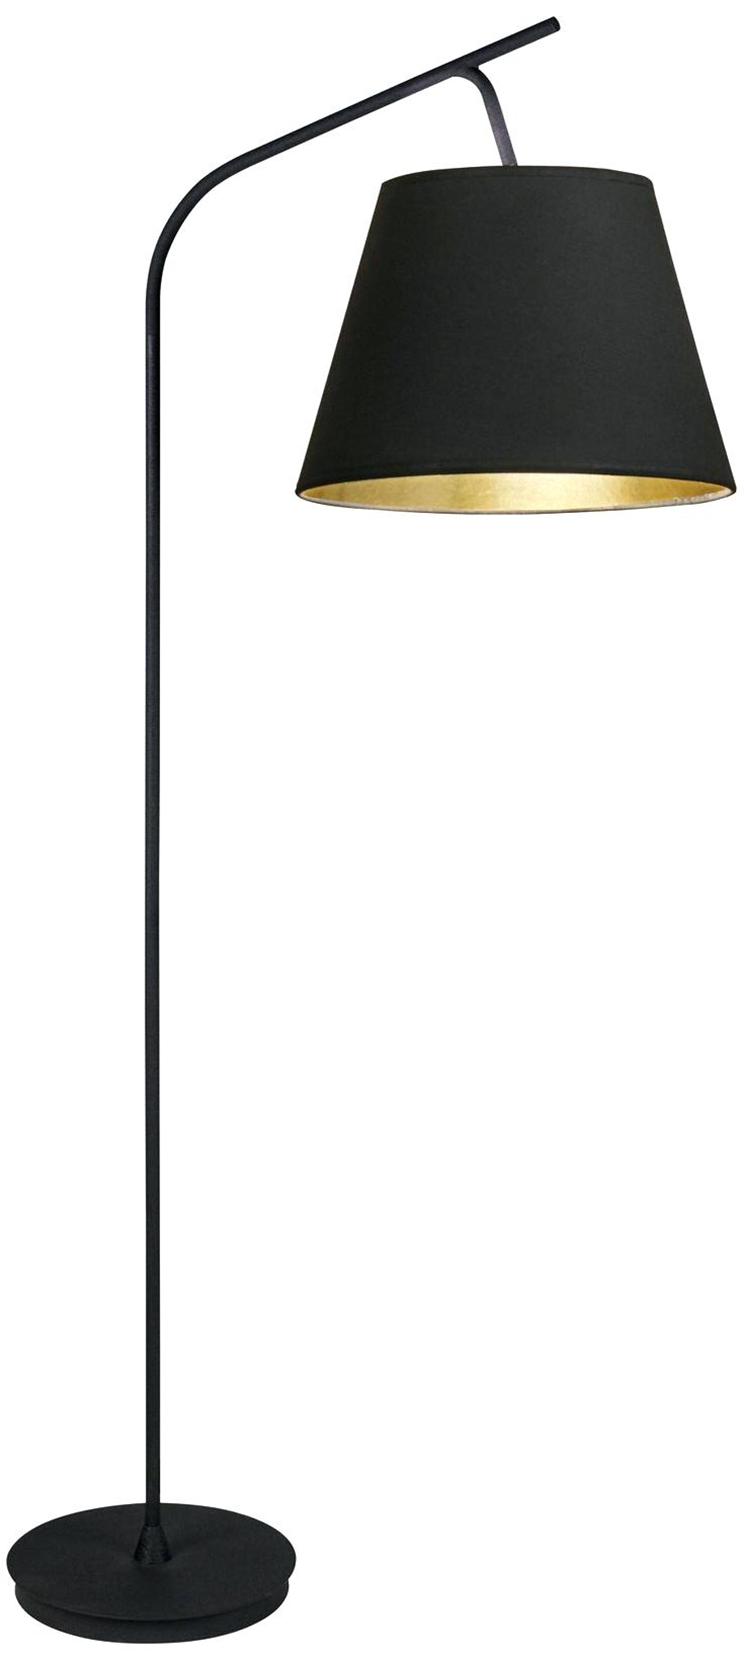 side lighting lamp